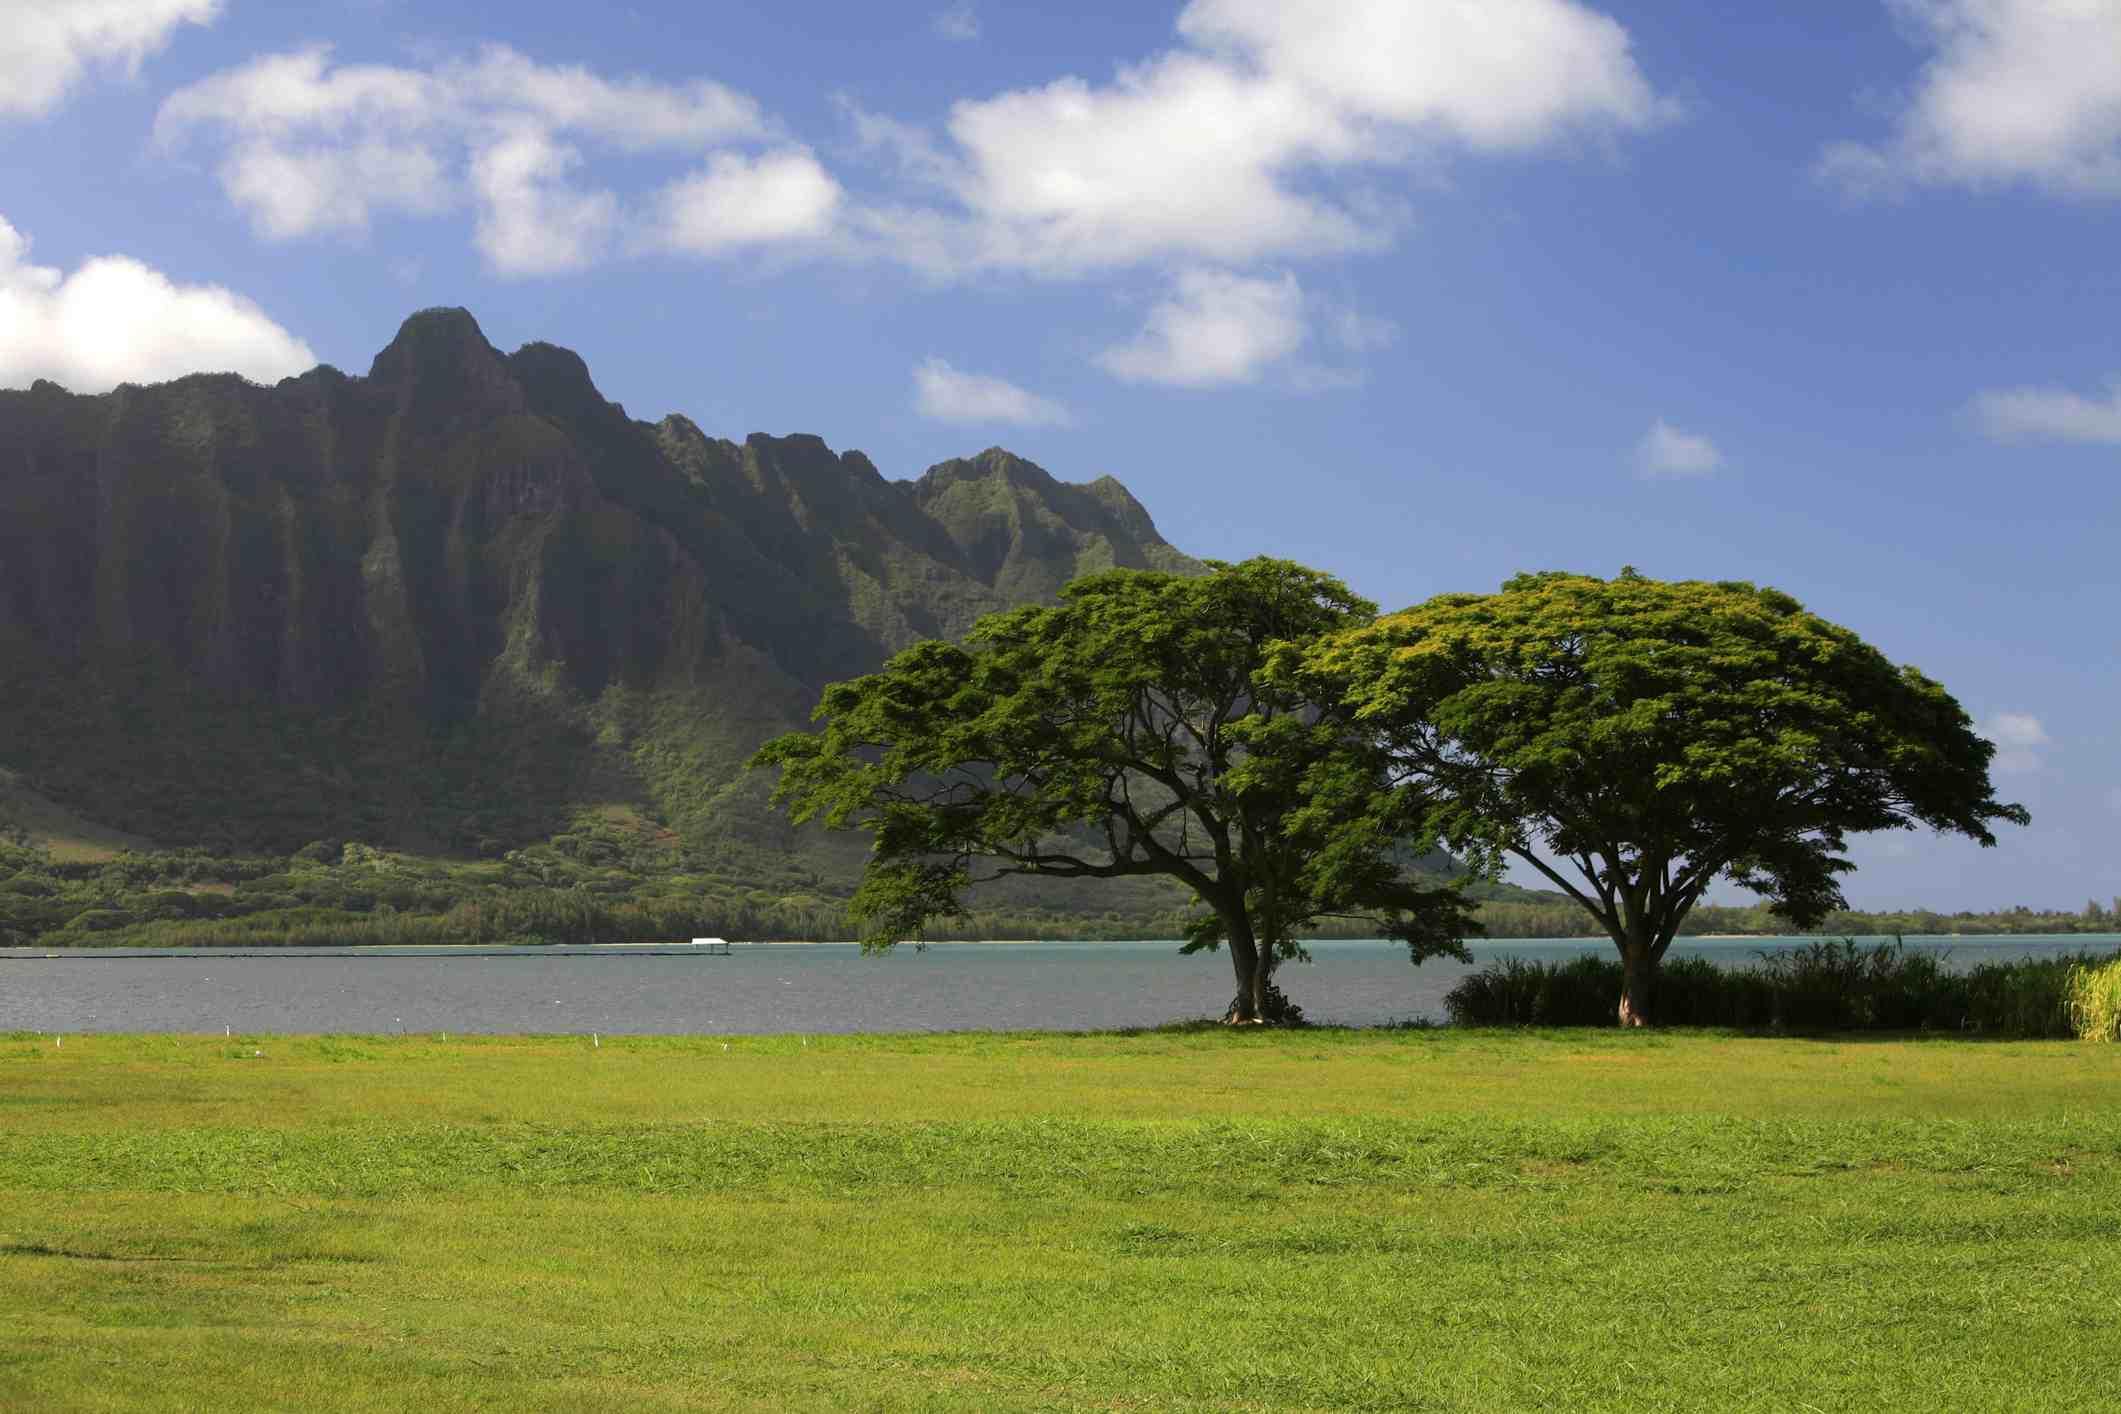 Kane'ohe Bay with the steep cliffs of Pali-ku on the east coast of O'ahu, known for Jurassic Park on Kualoa Ranch, Hawaii.